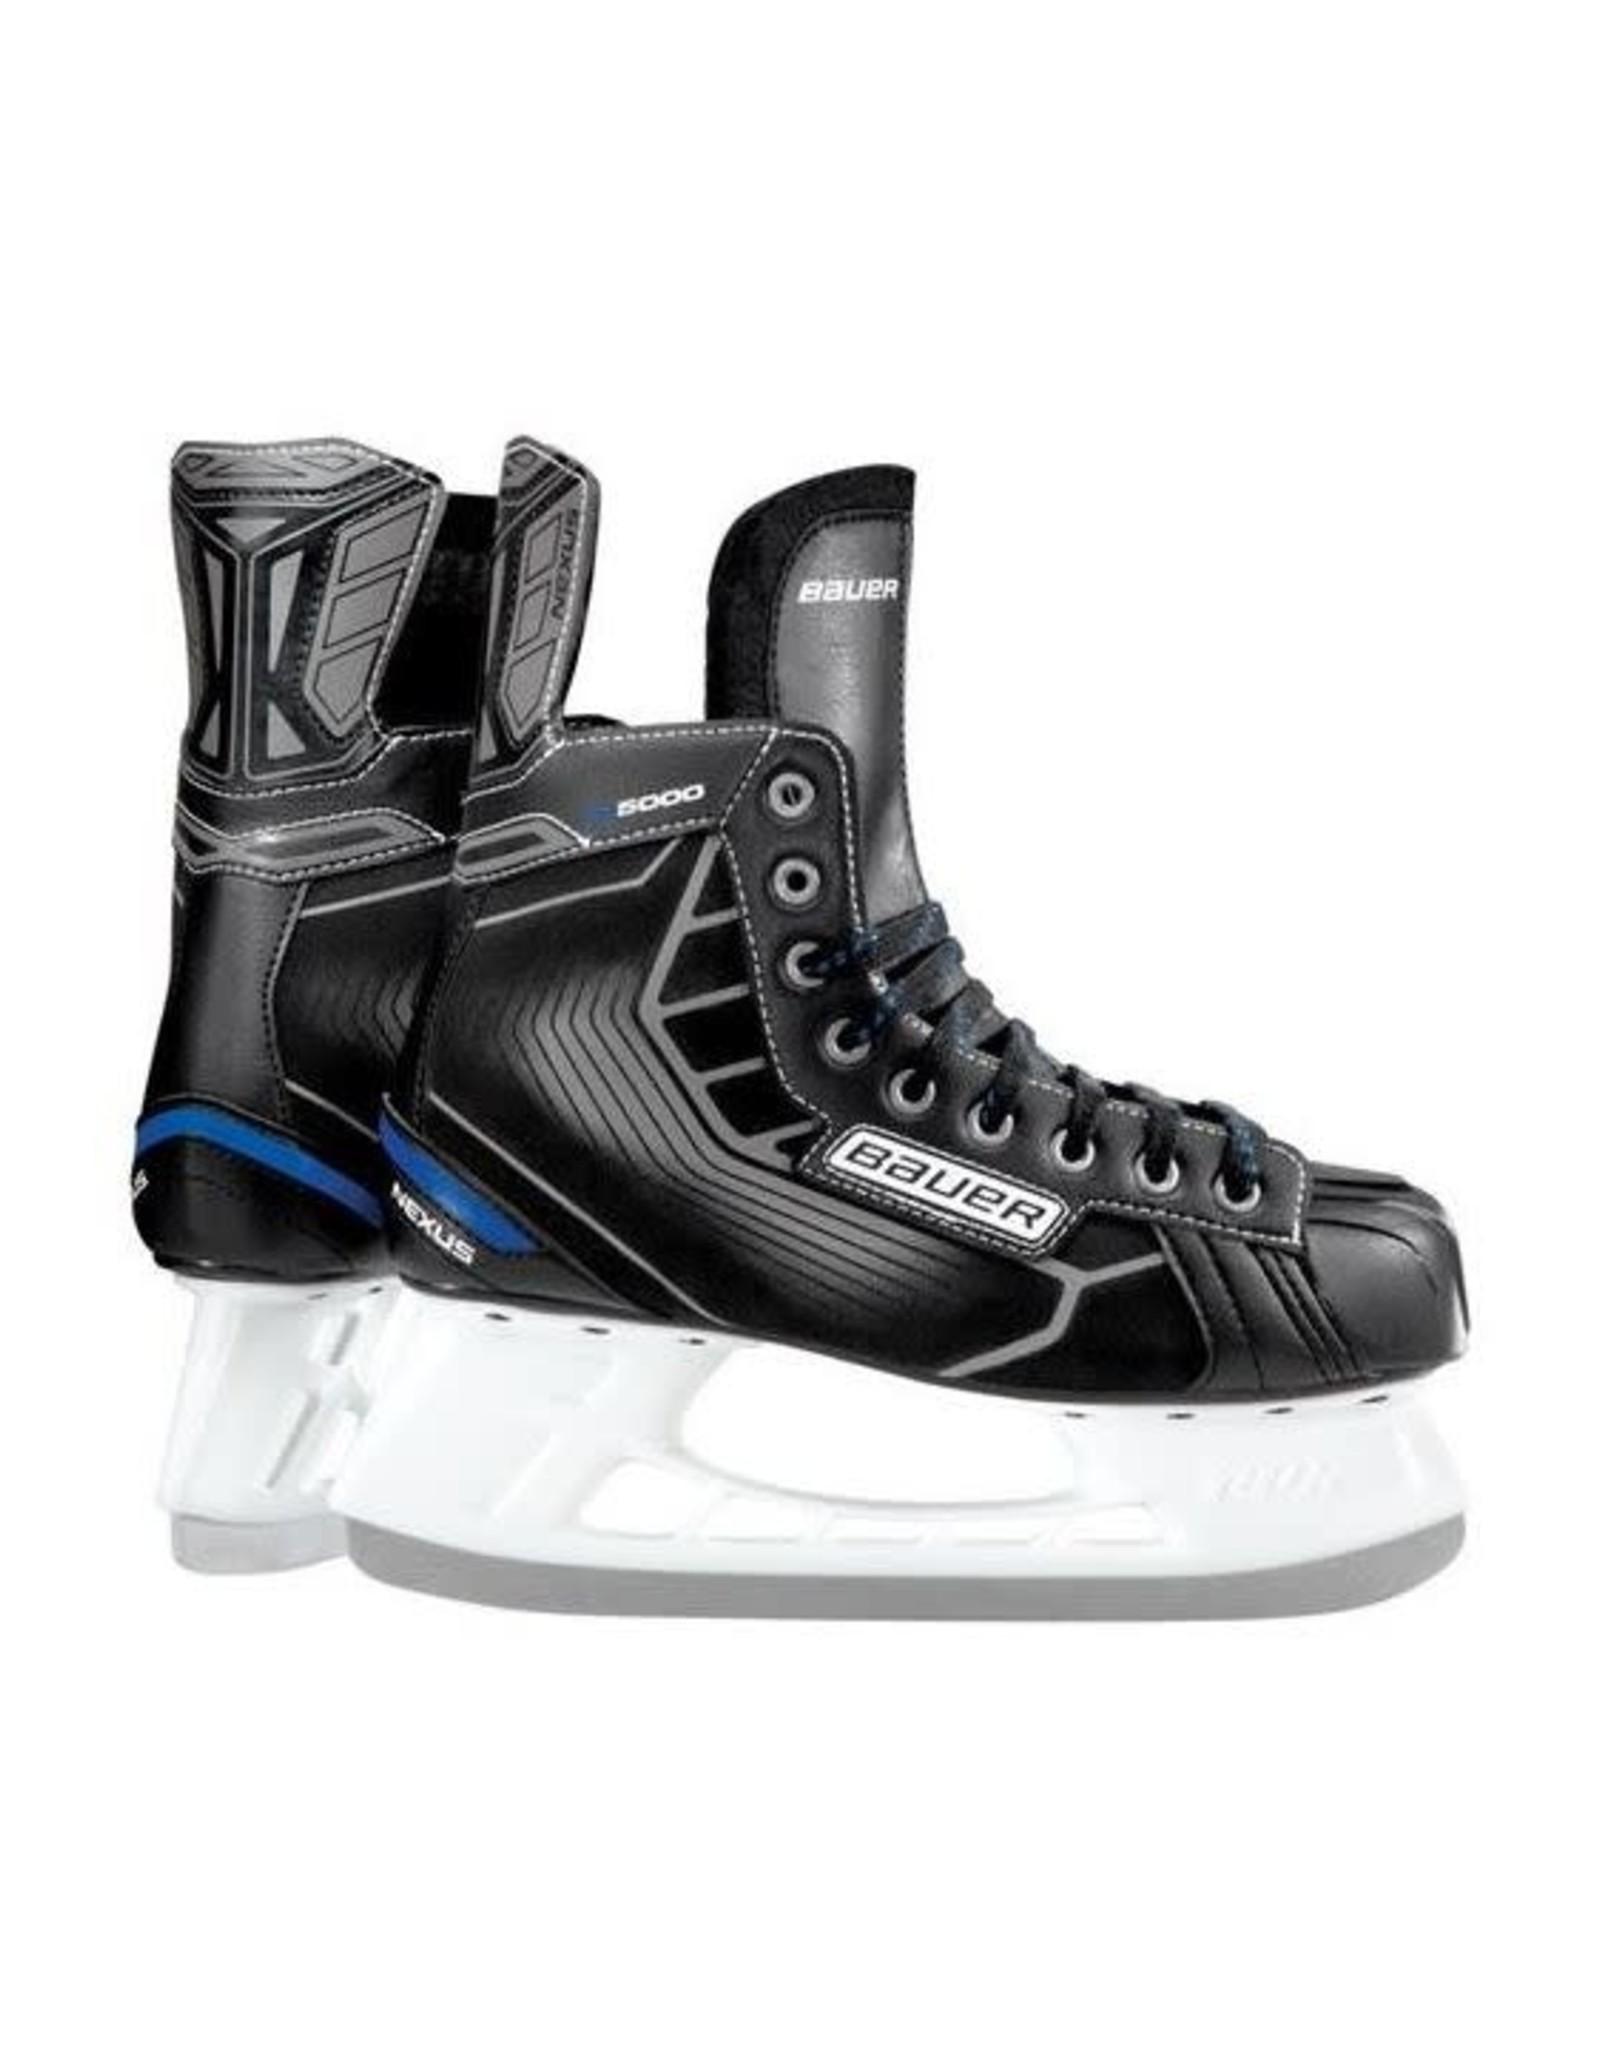 Bauer Nexus N5000 Skate